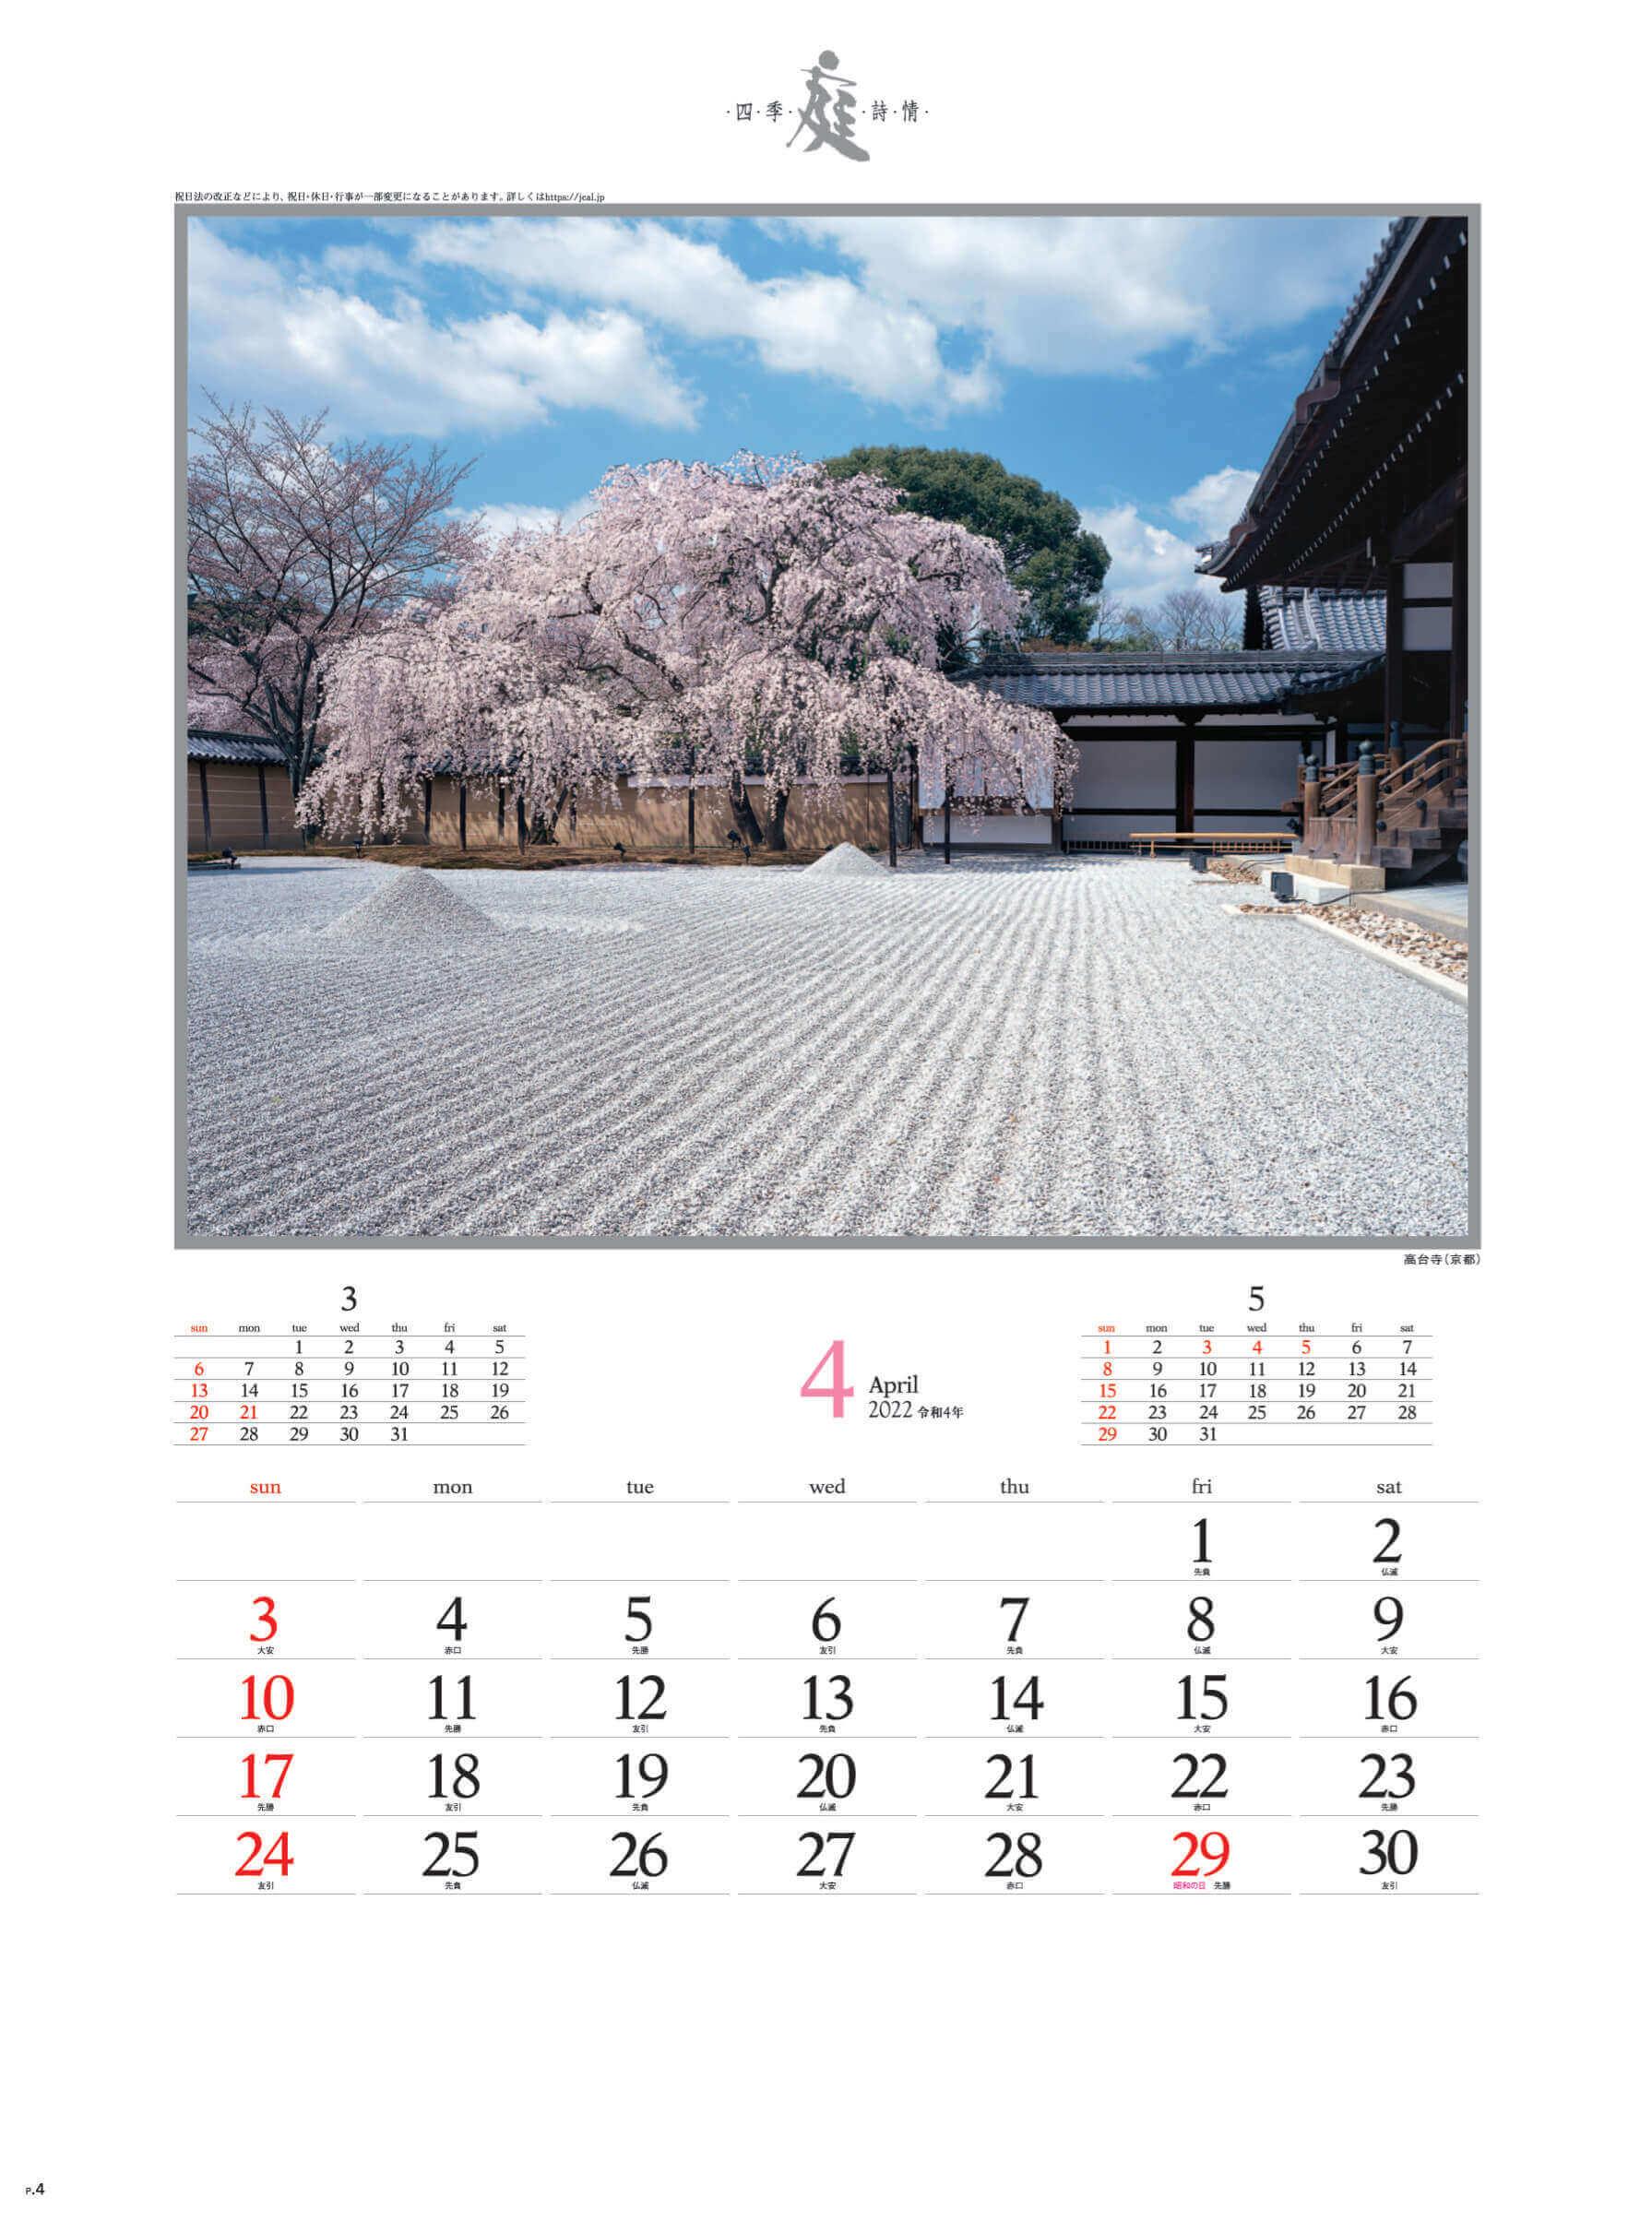 4月 高台寺(京都) 庭・四季詩情 2022年カレンダーの画像